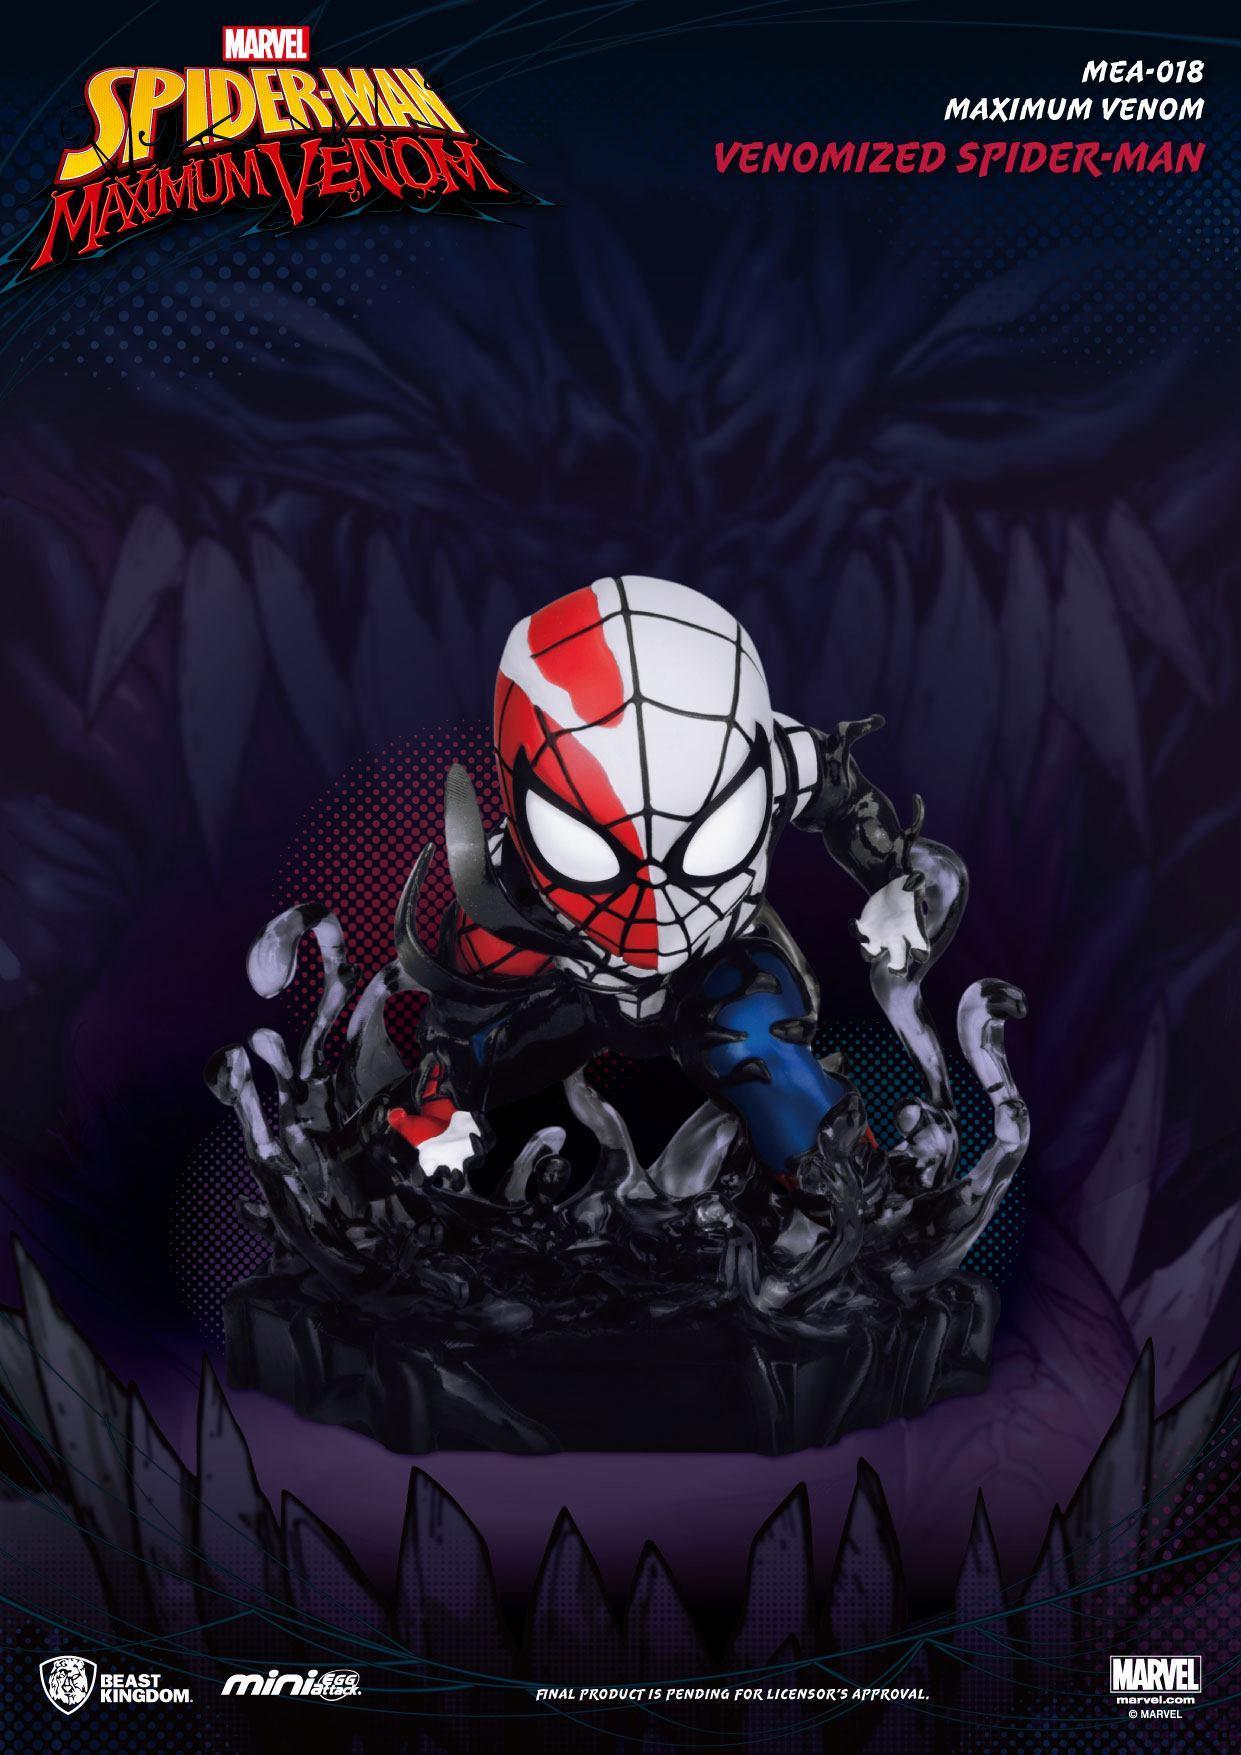 Marvel maximum venom collection figurine mini egg attack venomized spider man 8 cm 4